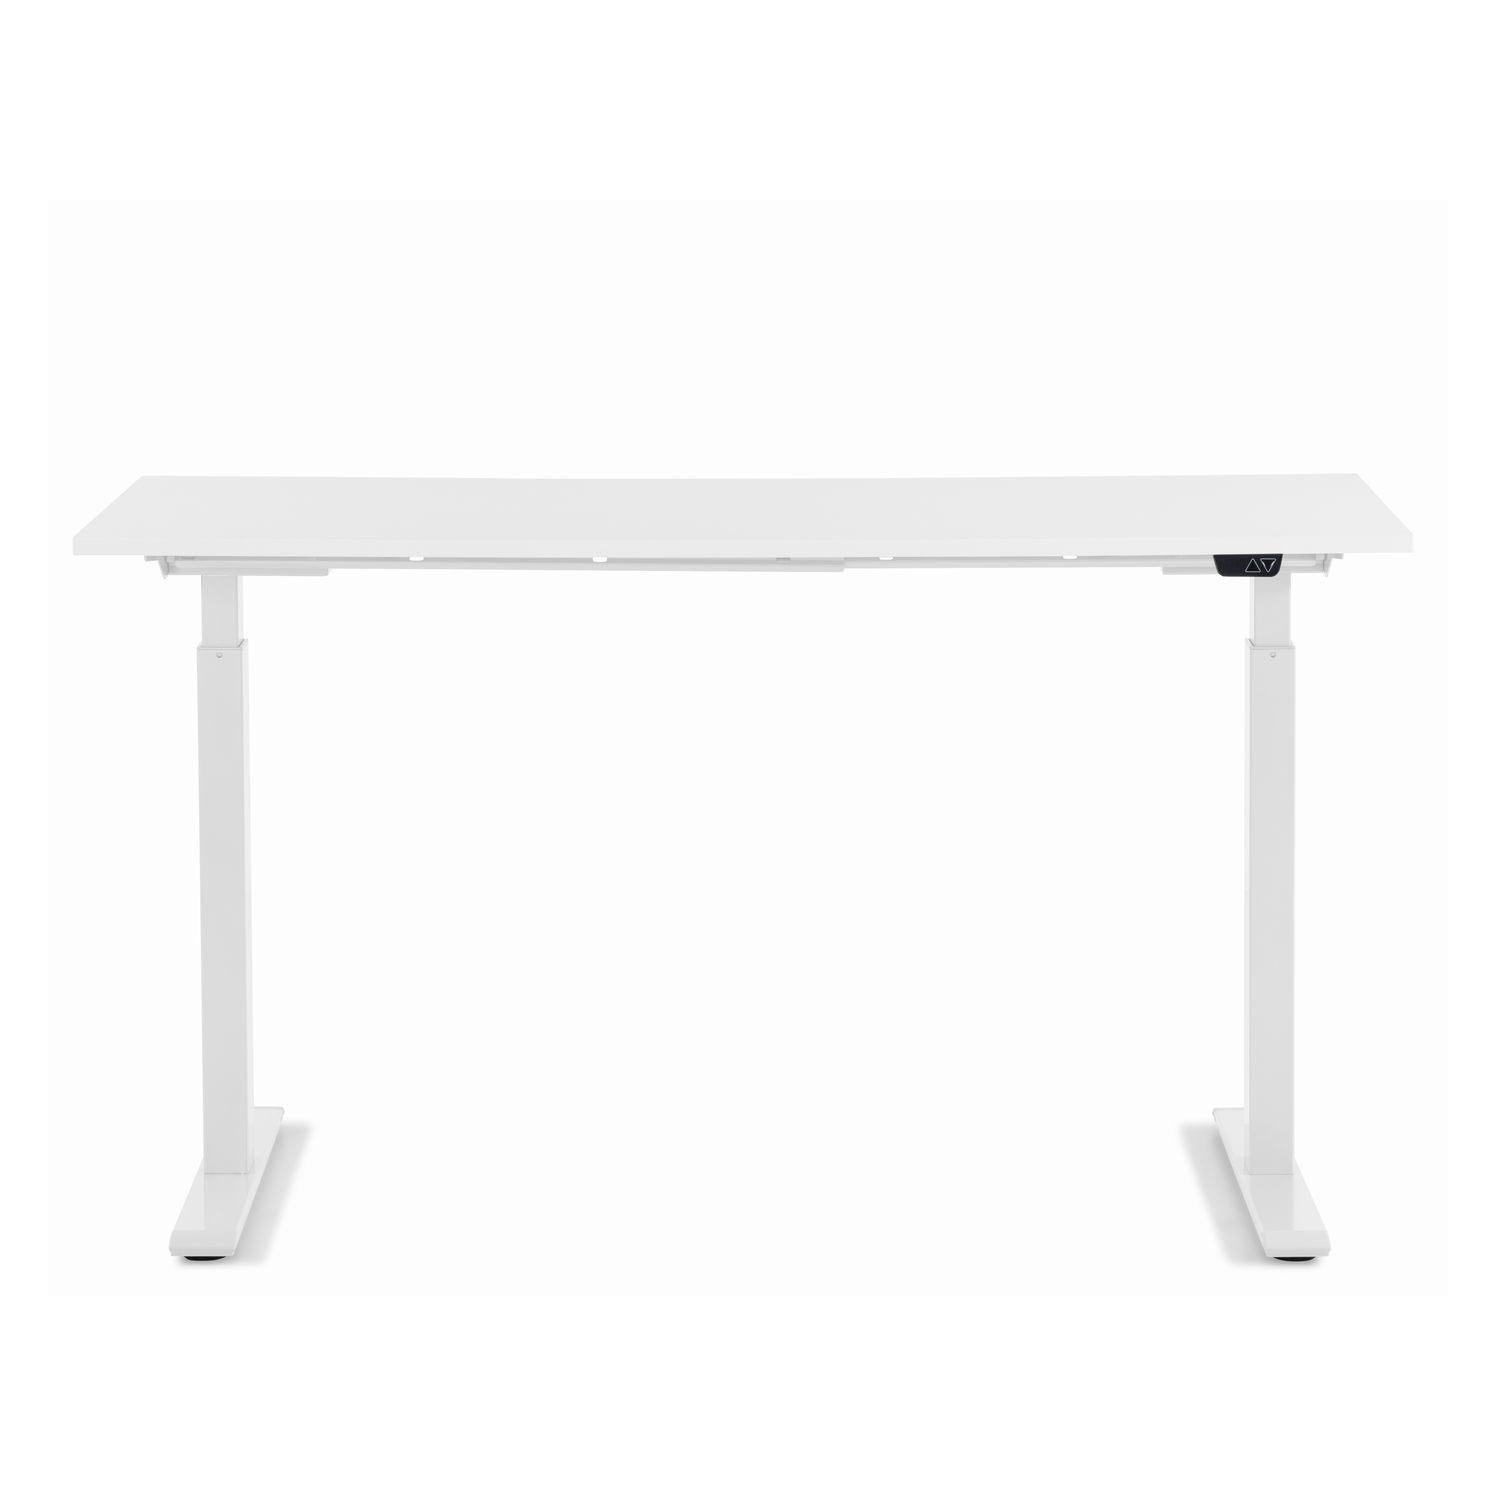 KARE DESIGN rektangulær Smart White White skrivebord - hvid melamin og hvid stål (140x60)